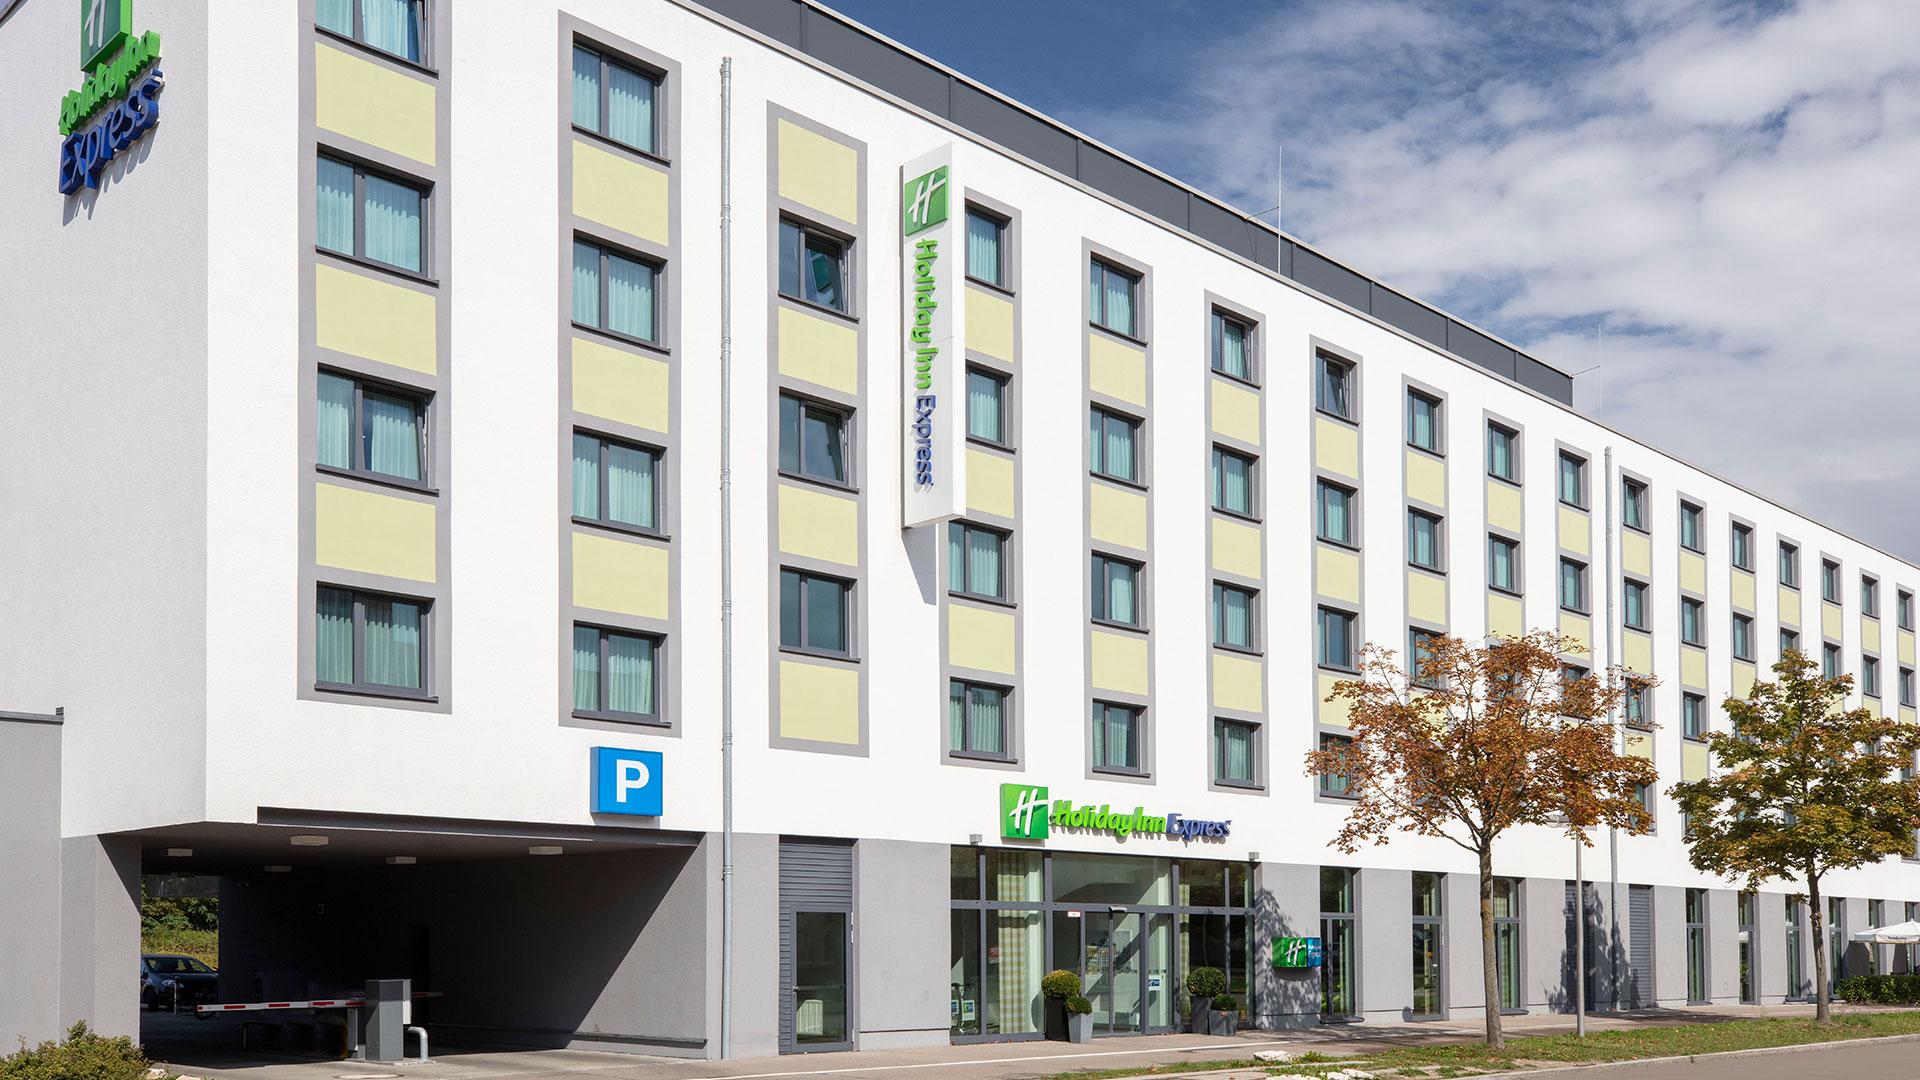 Foto van het Buitenaanzicht - 01 - Holiday Inn Express Augsburg